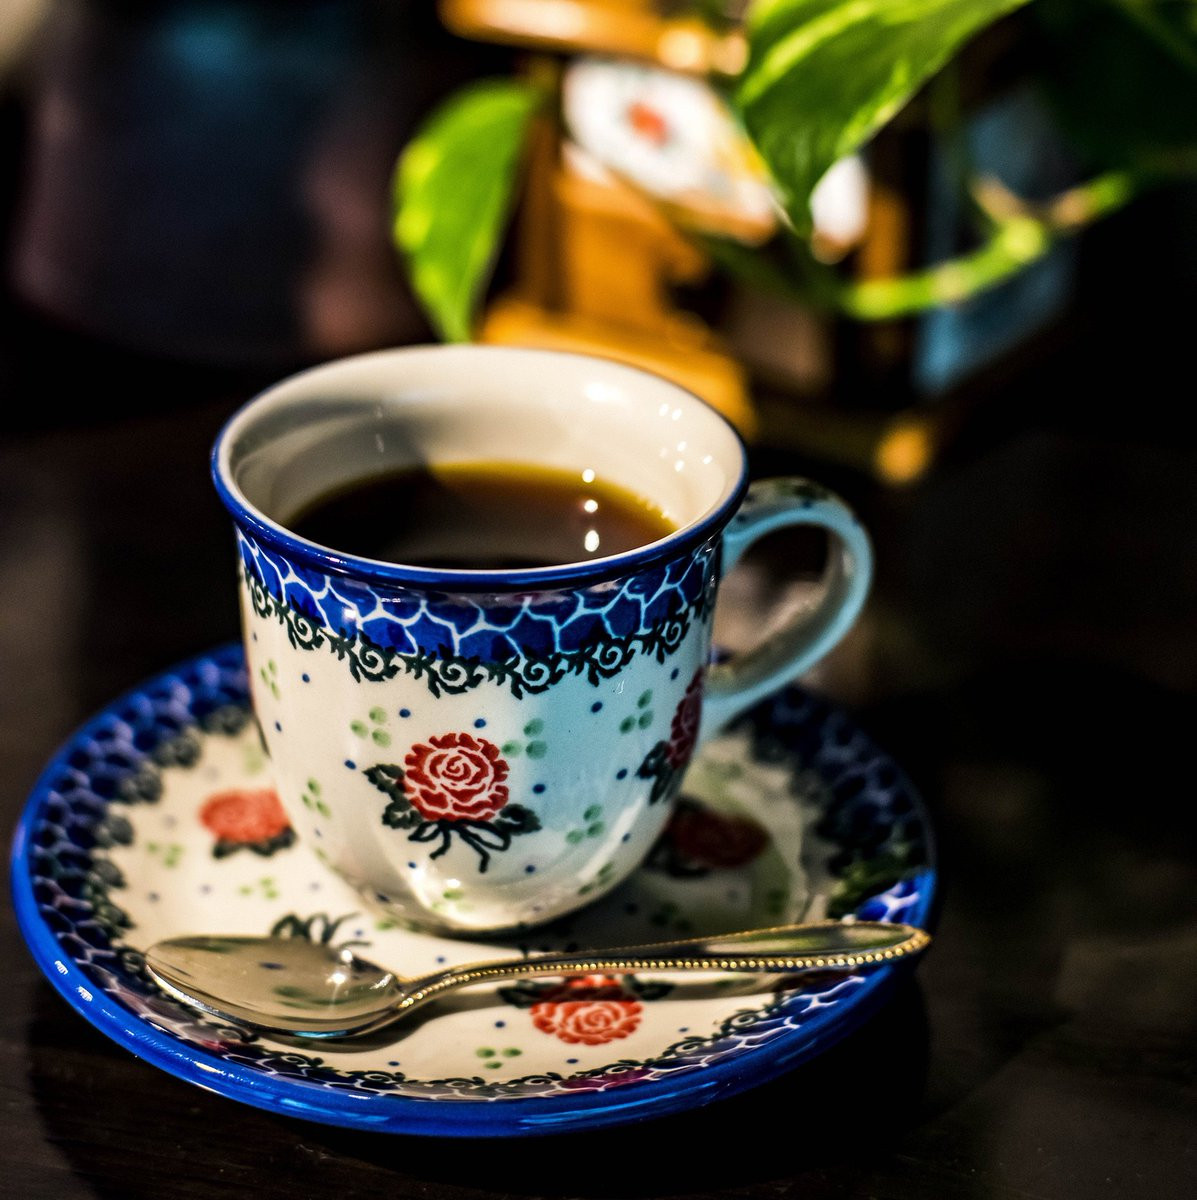 1杯1万円コーヒーを普通の人が飲むワケ